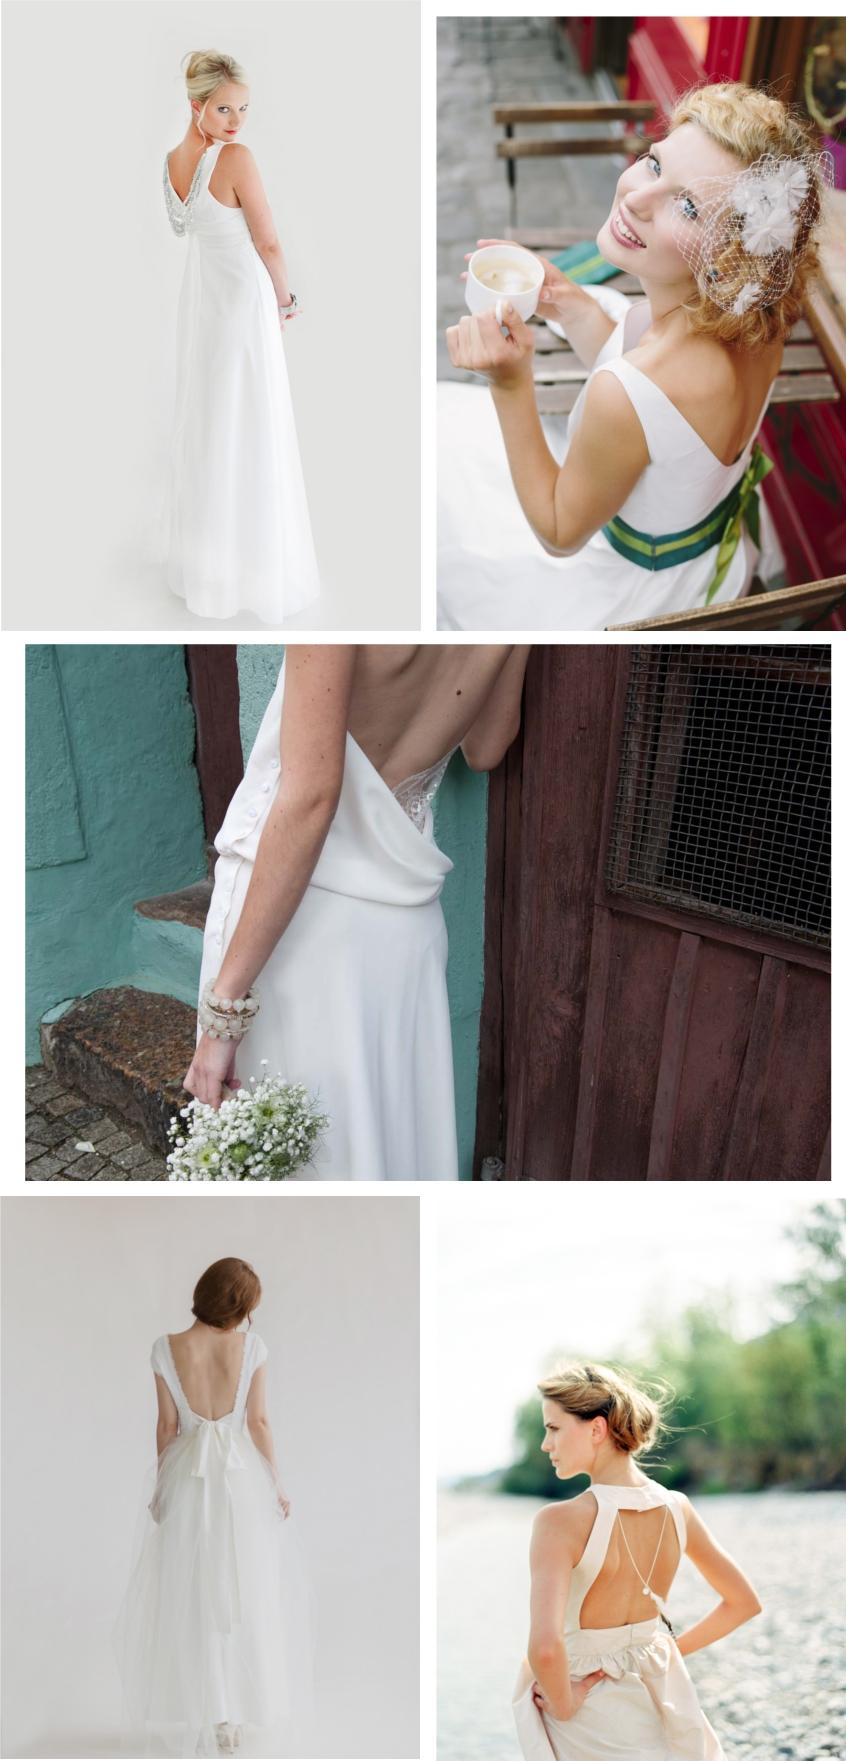 Brautmode-Trends 2014 - Teil 5: vorne hoch geschlossen hinten tief ausgeschnitten